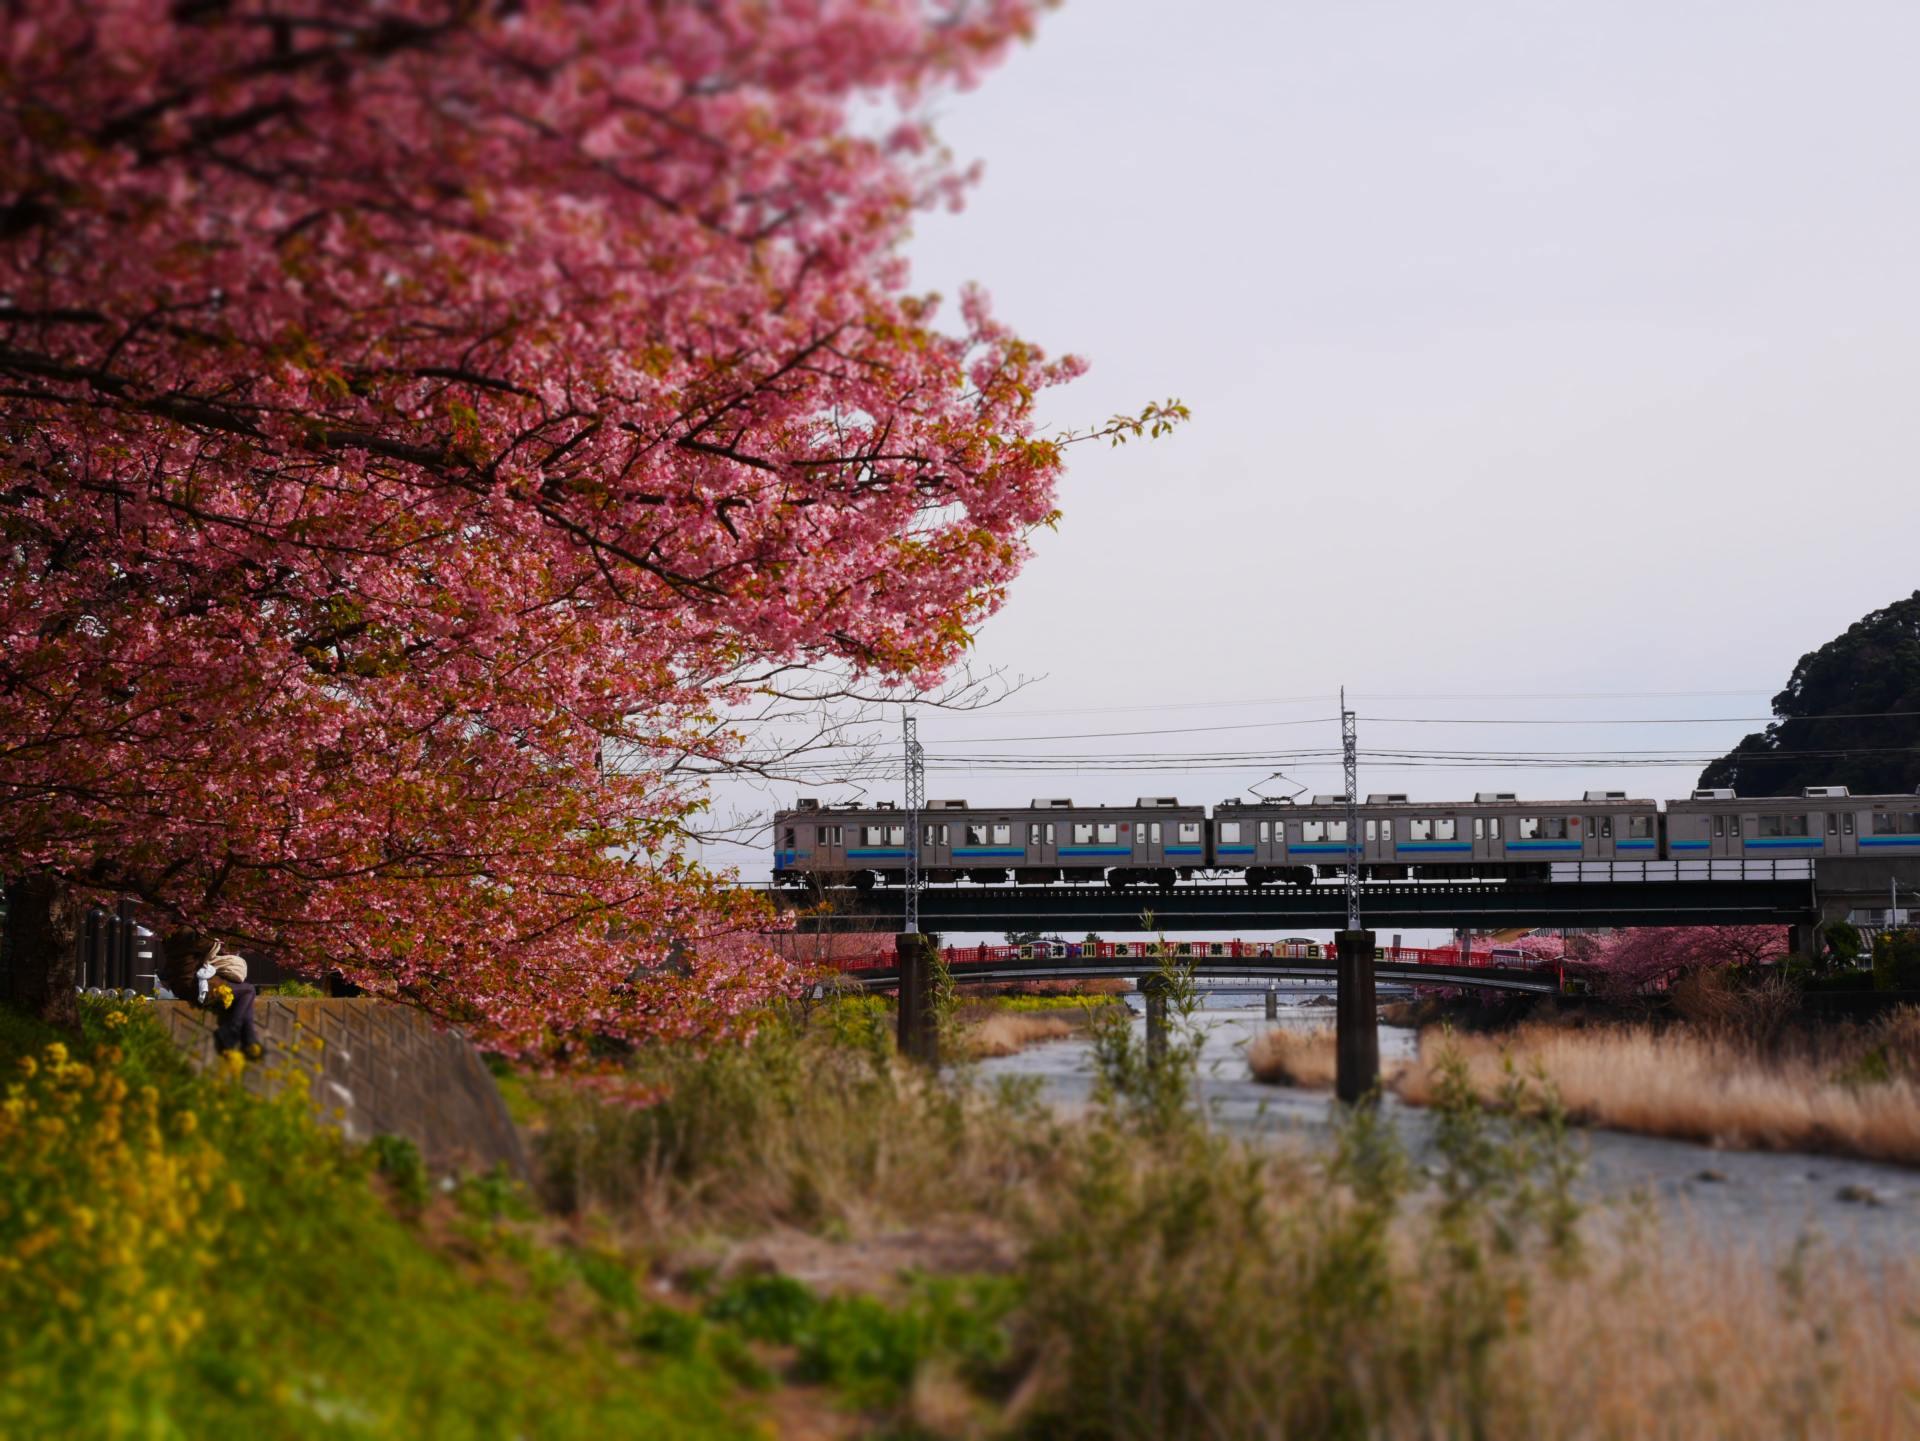 火車+河津櫻+油菜花的風景詩